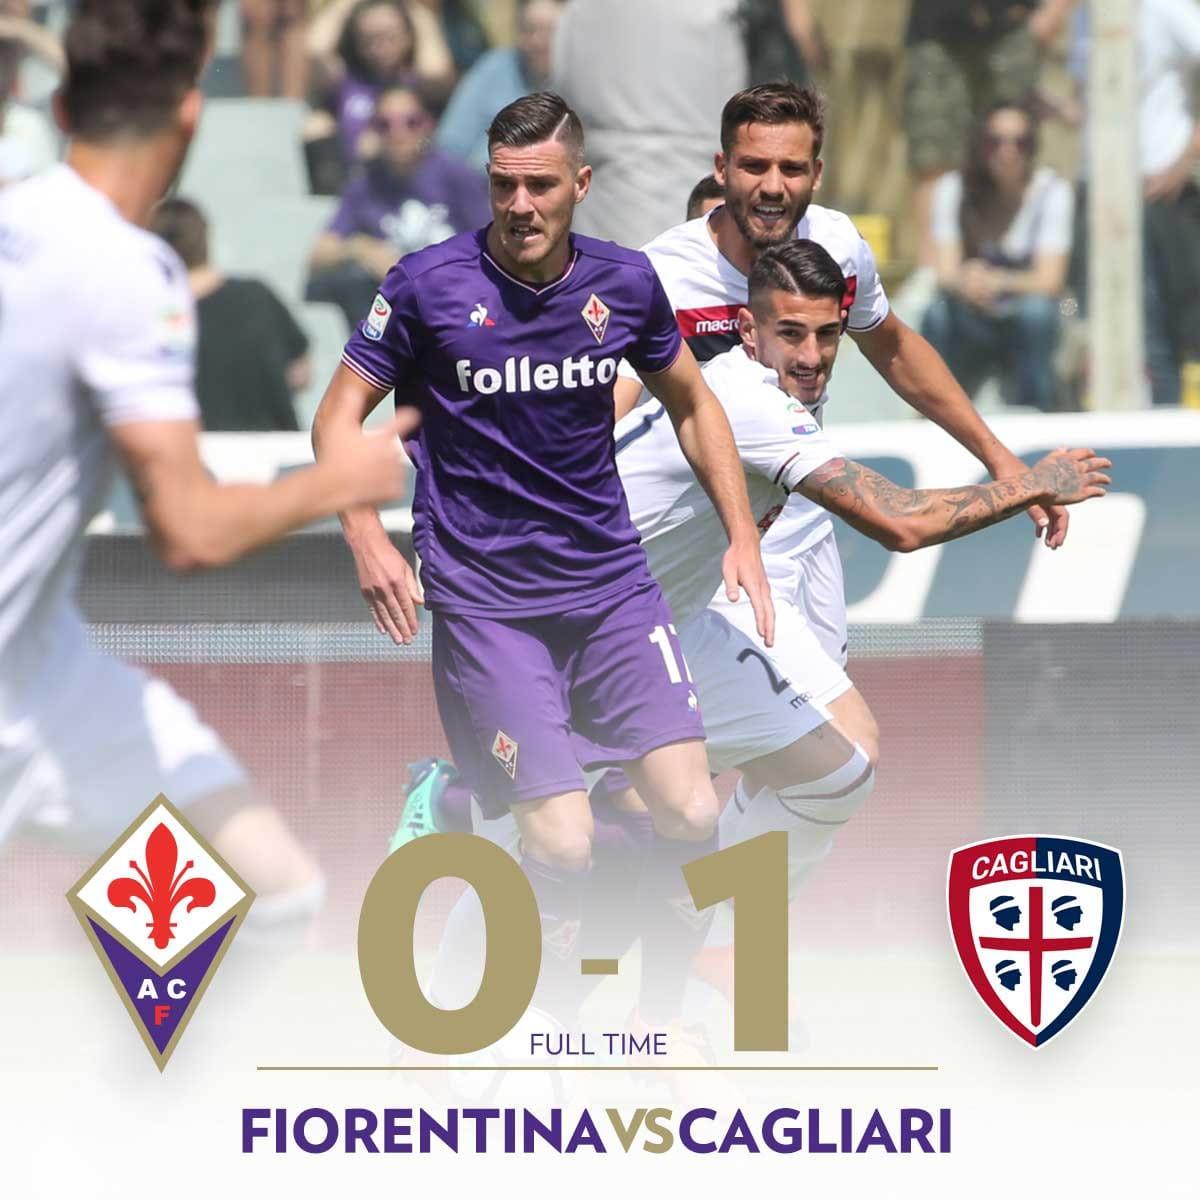 Il Cagliari si risolleva al Franchi, Fiorentina battuta grazie al gol di Pavoletti